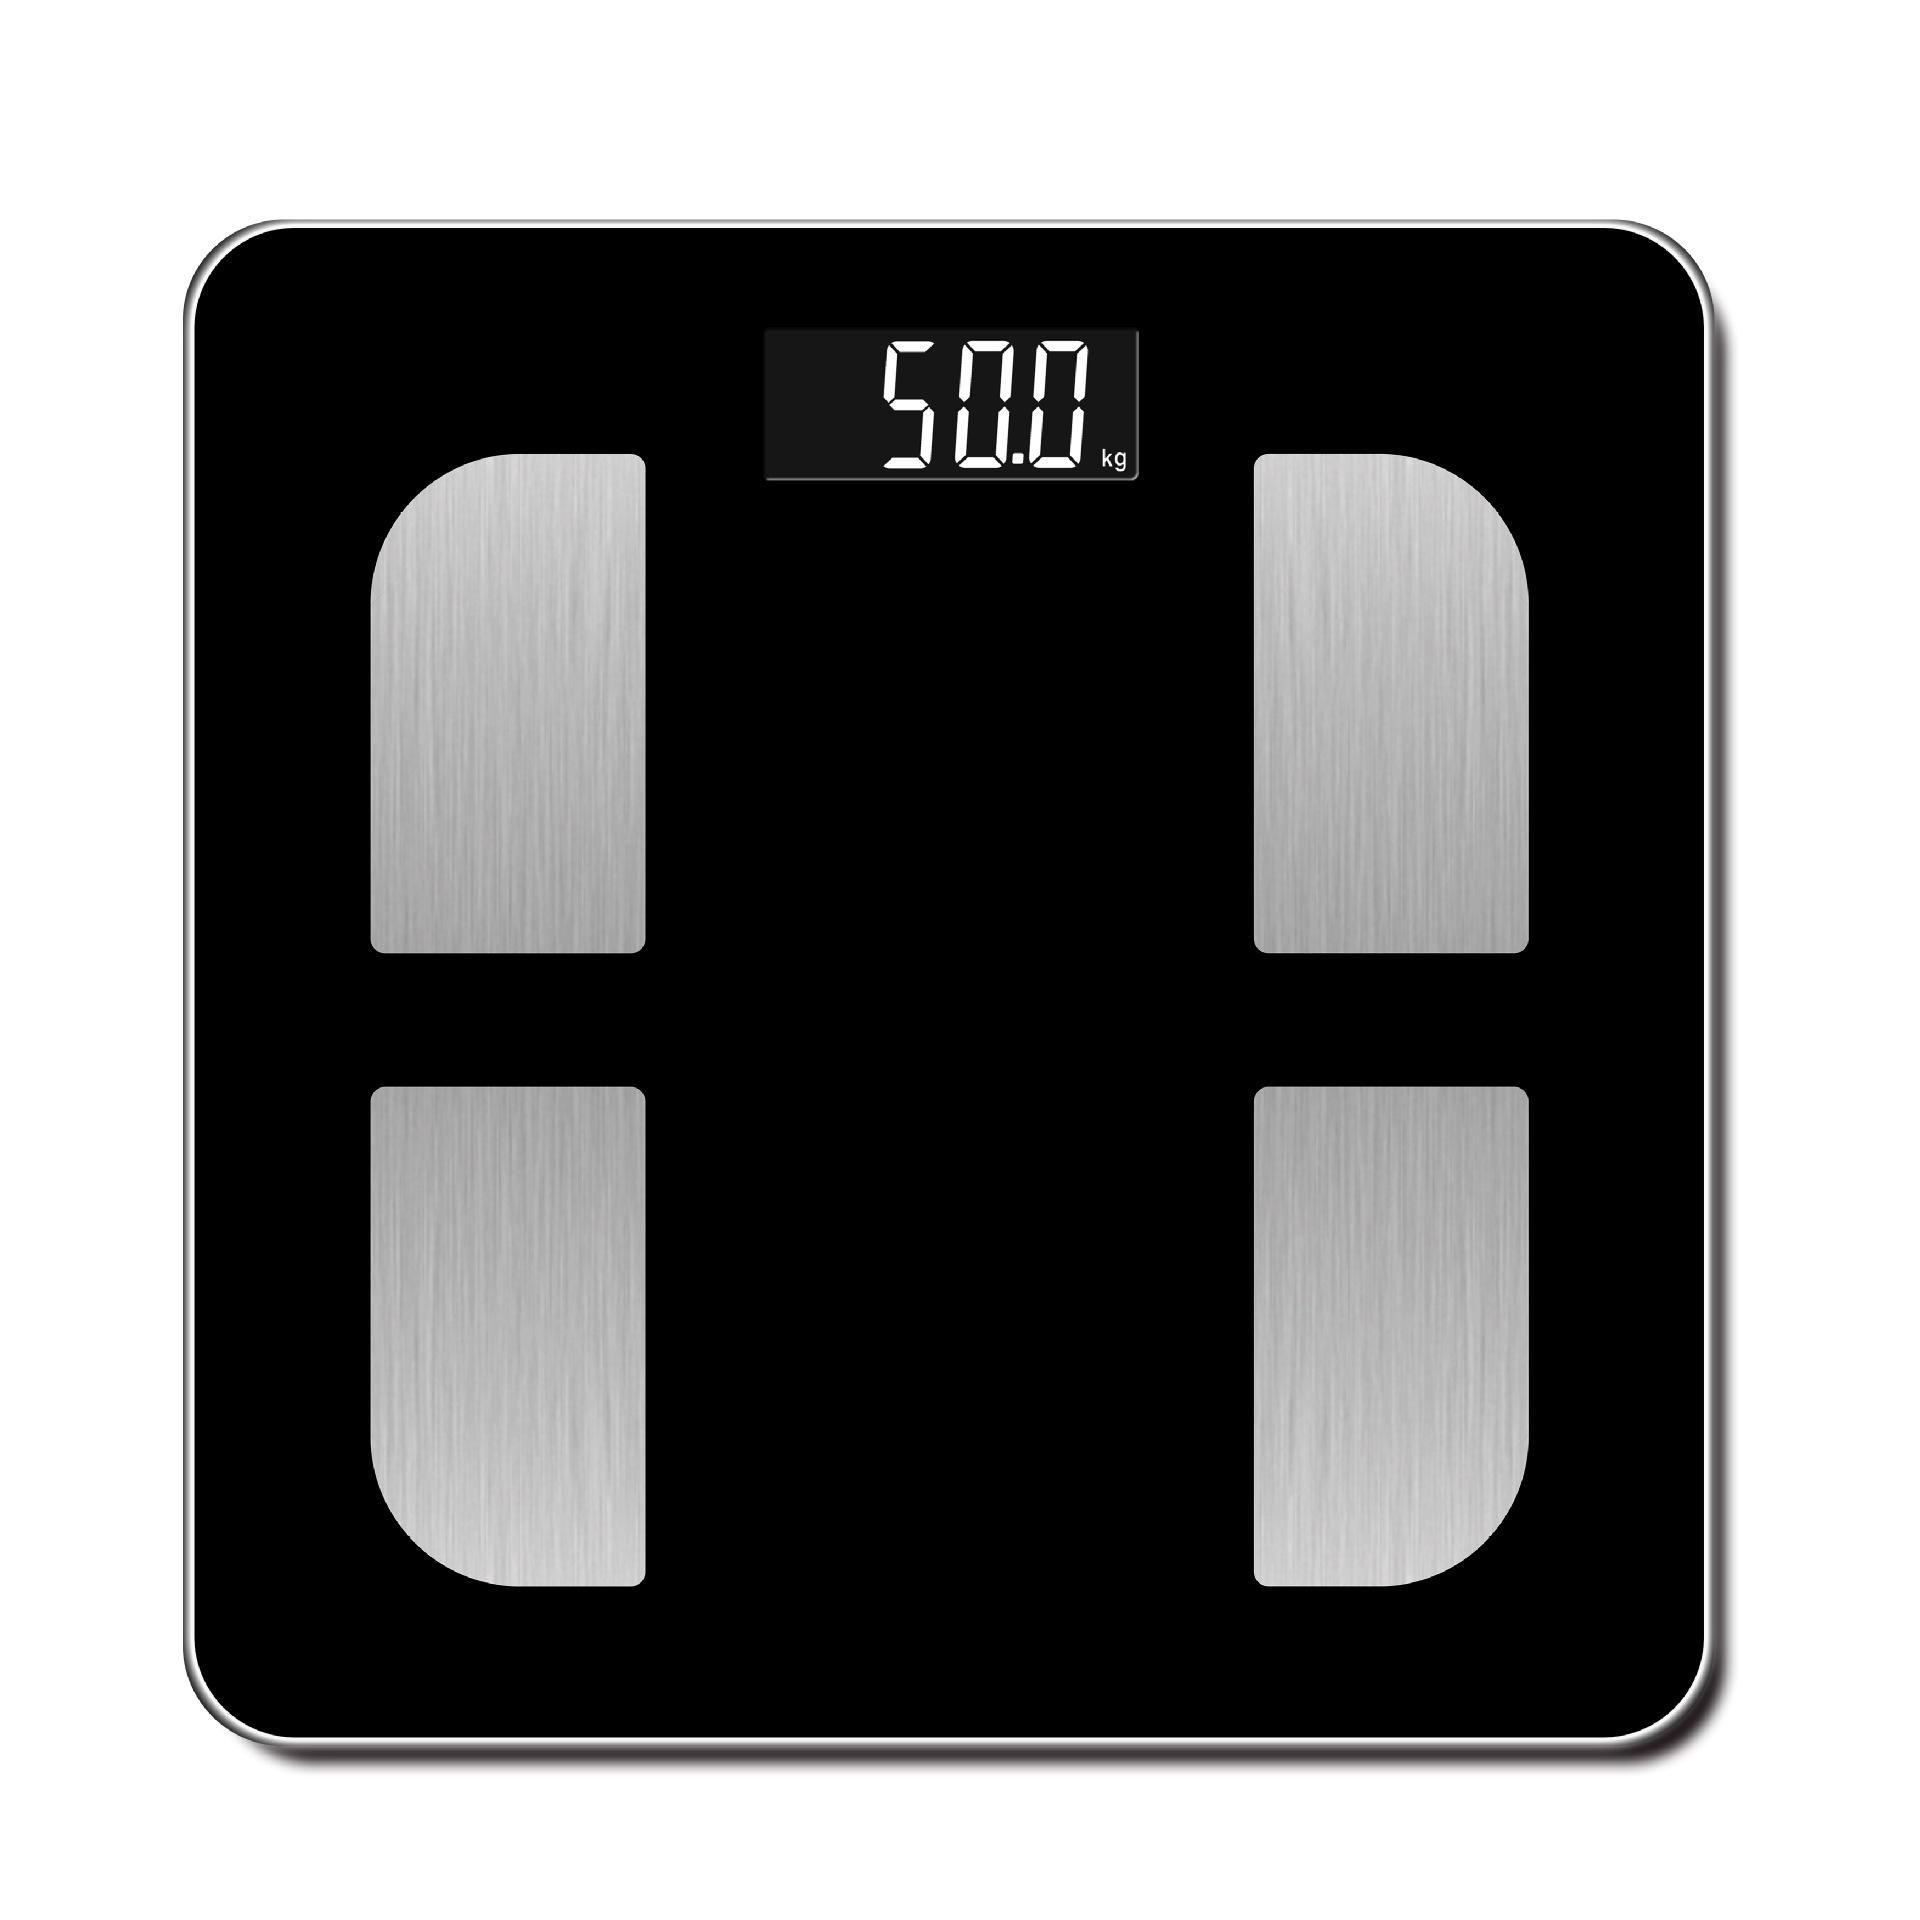 Oppel Scale Cân vảy Bluetooth cân người độ ẩm vảy điện tử vảy Bluetooth